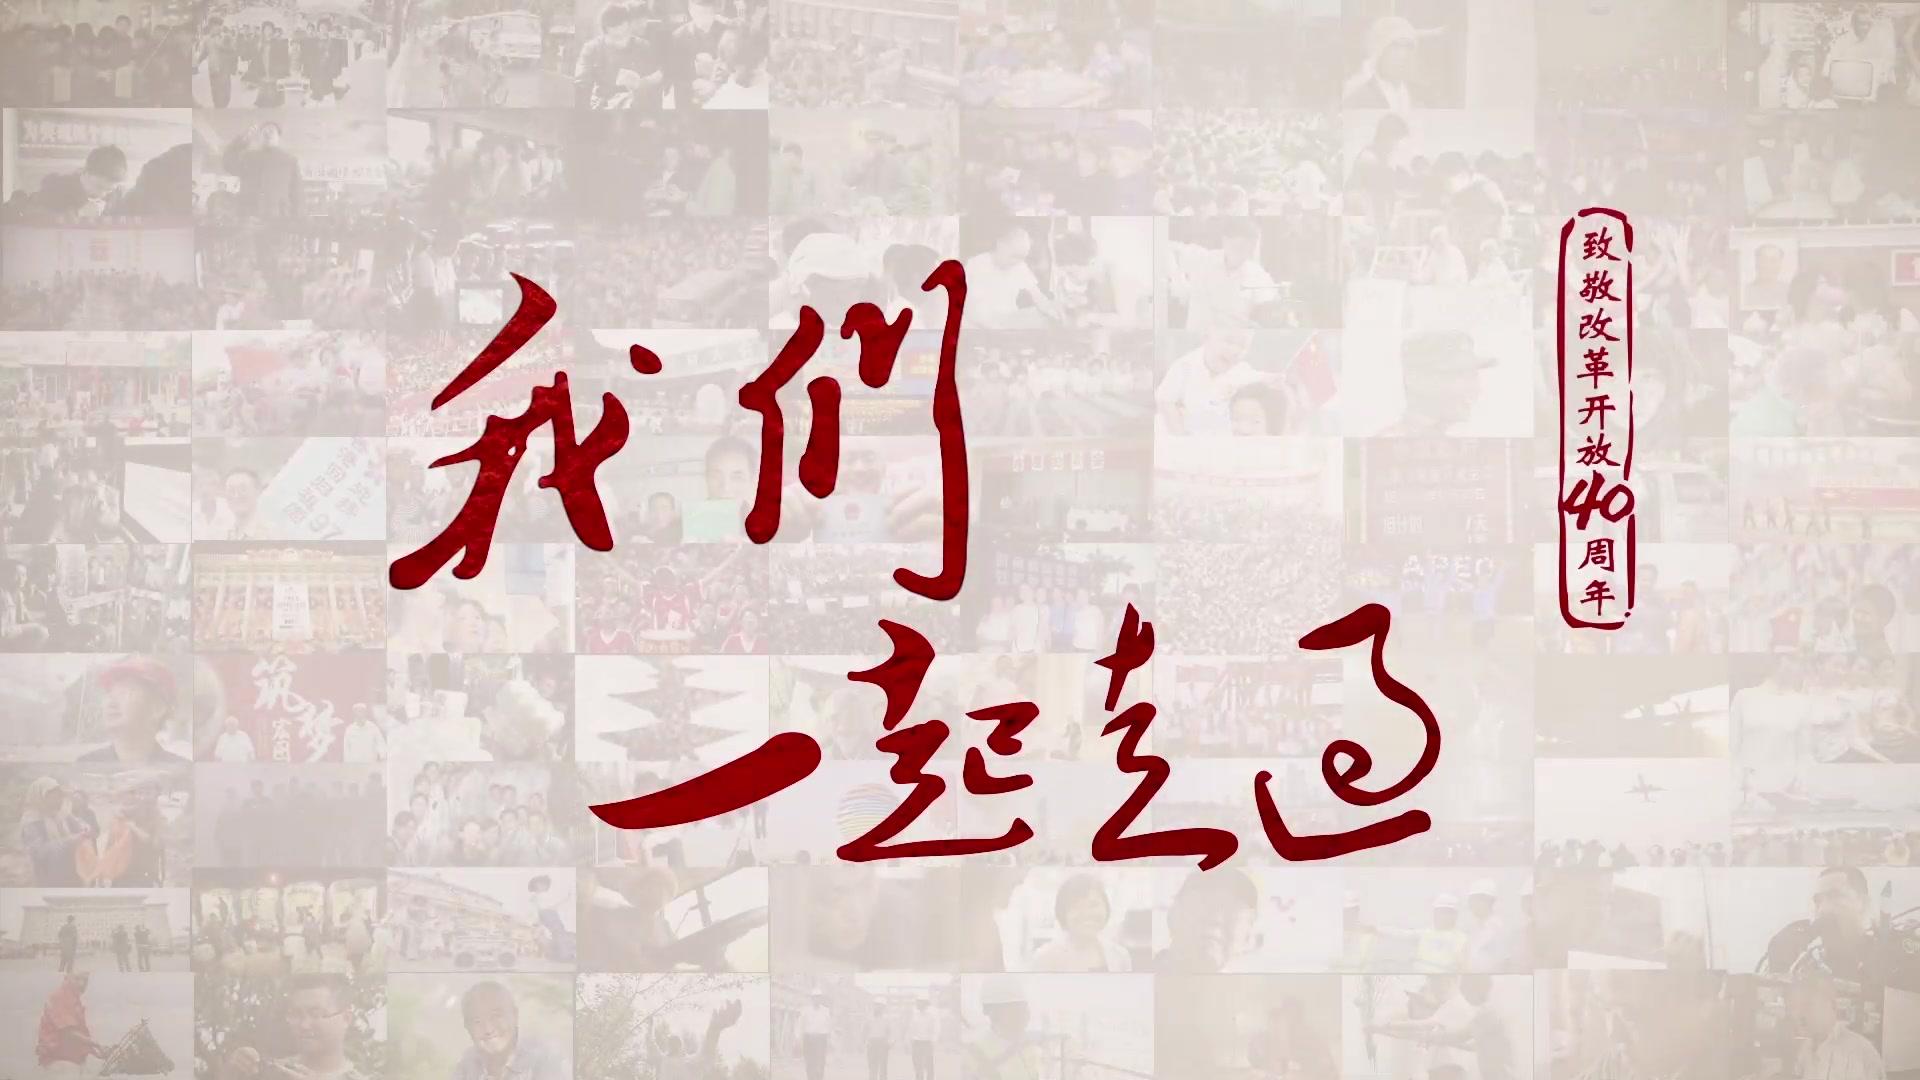 《我们一起走过——致敬改革开放40周年》第十一 十二集